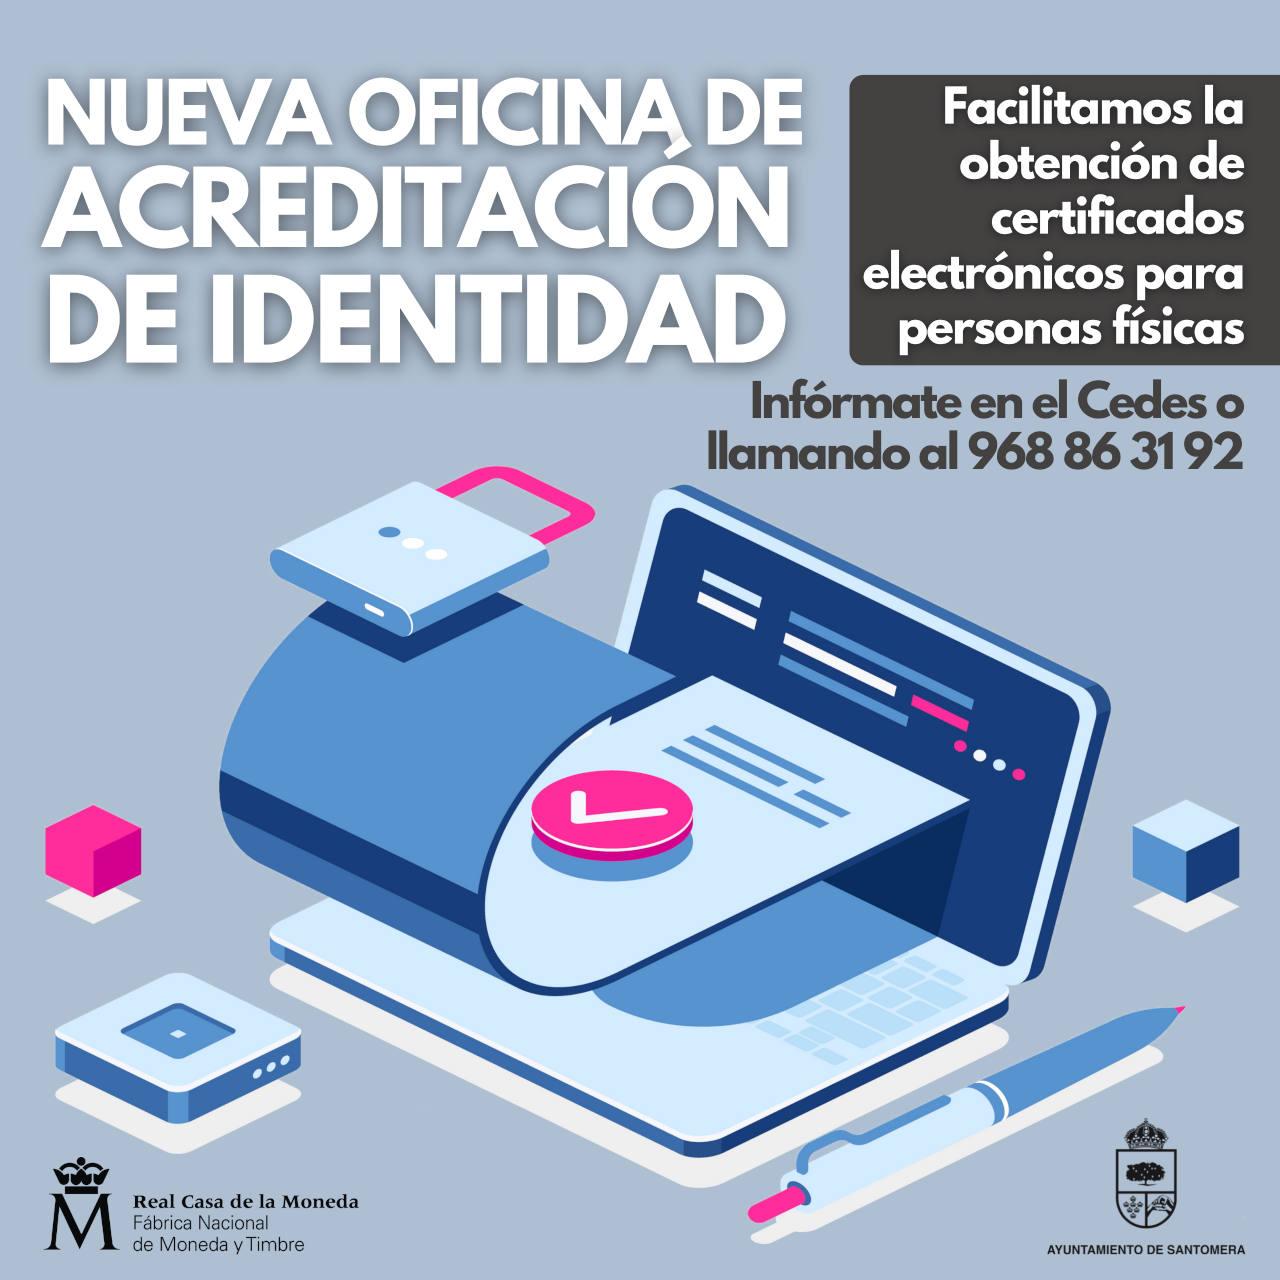 20211015_Oficina de Acreditacion de Identidad_Certificado electronico